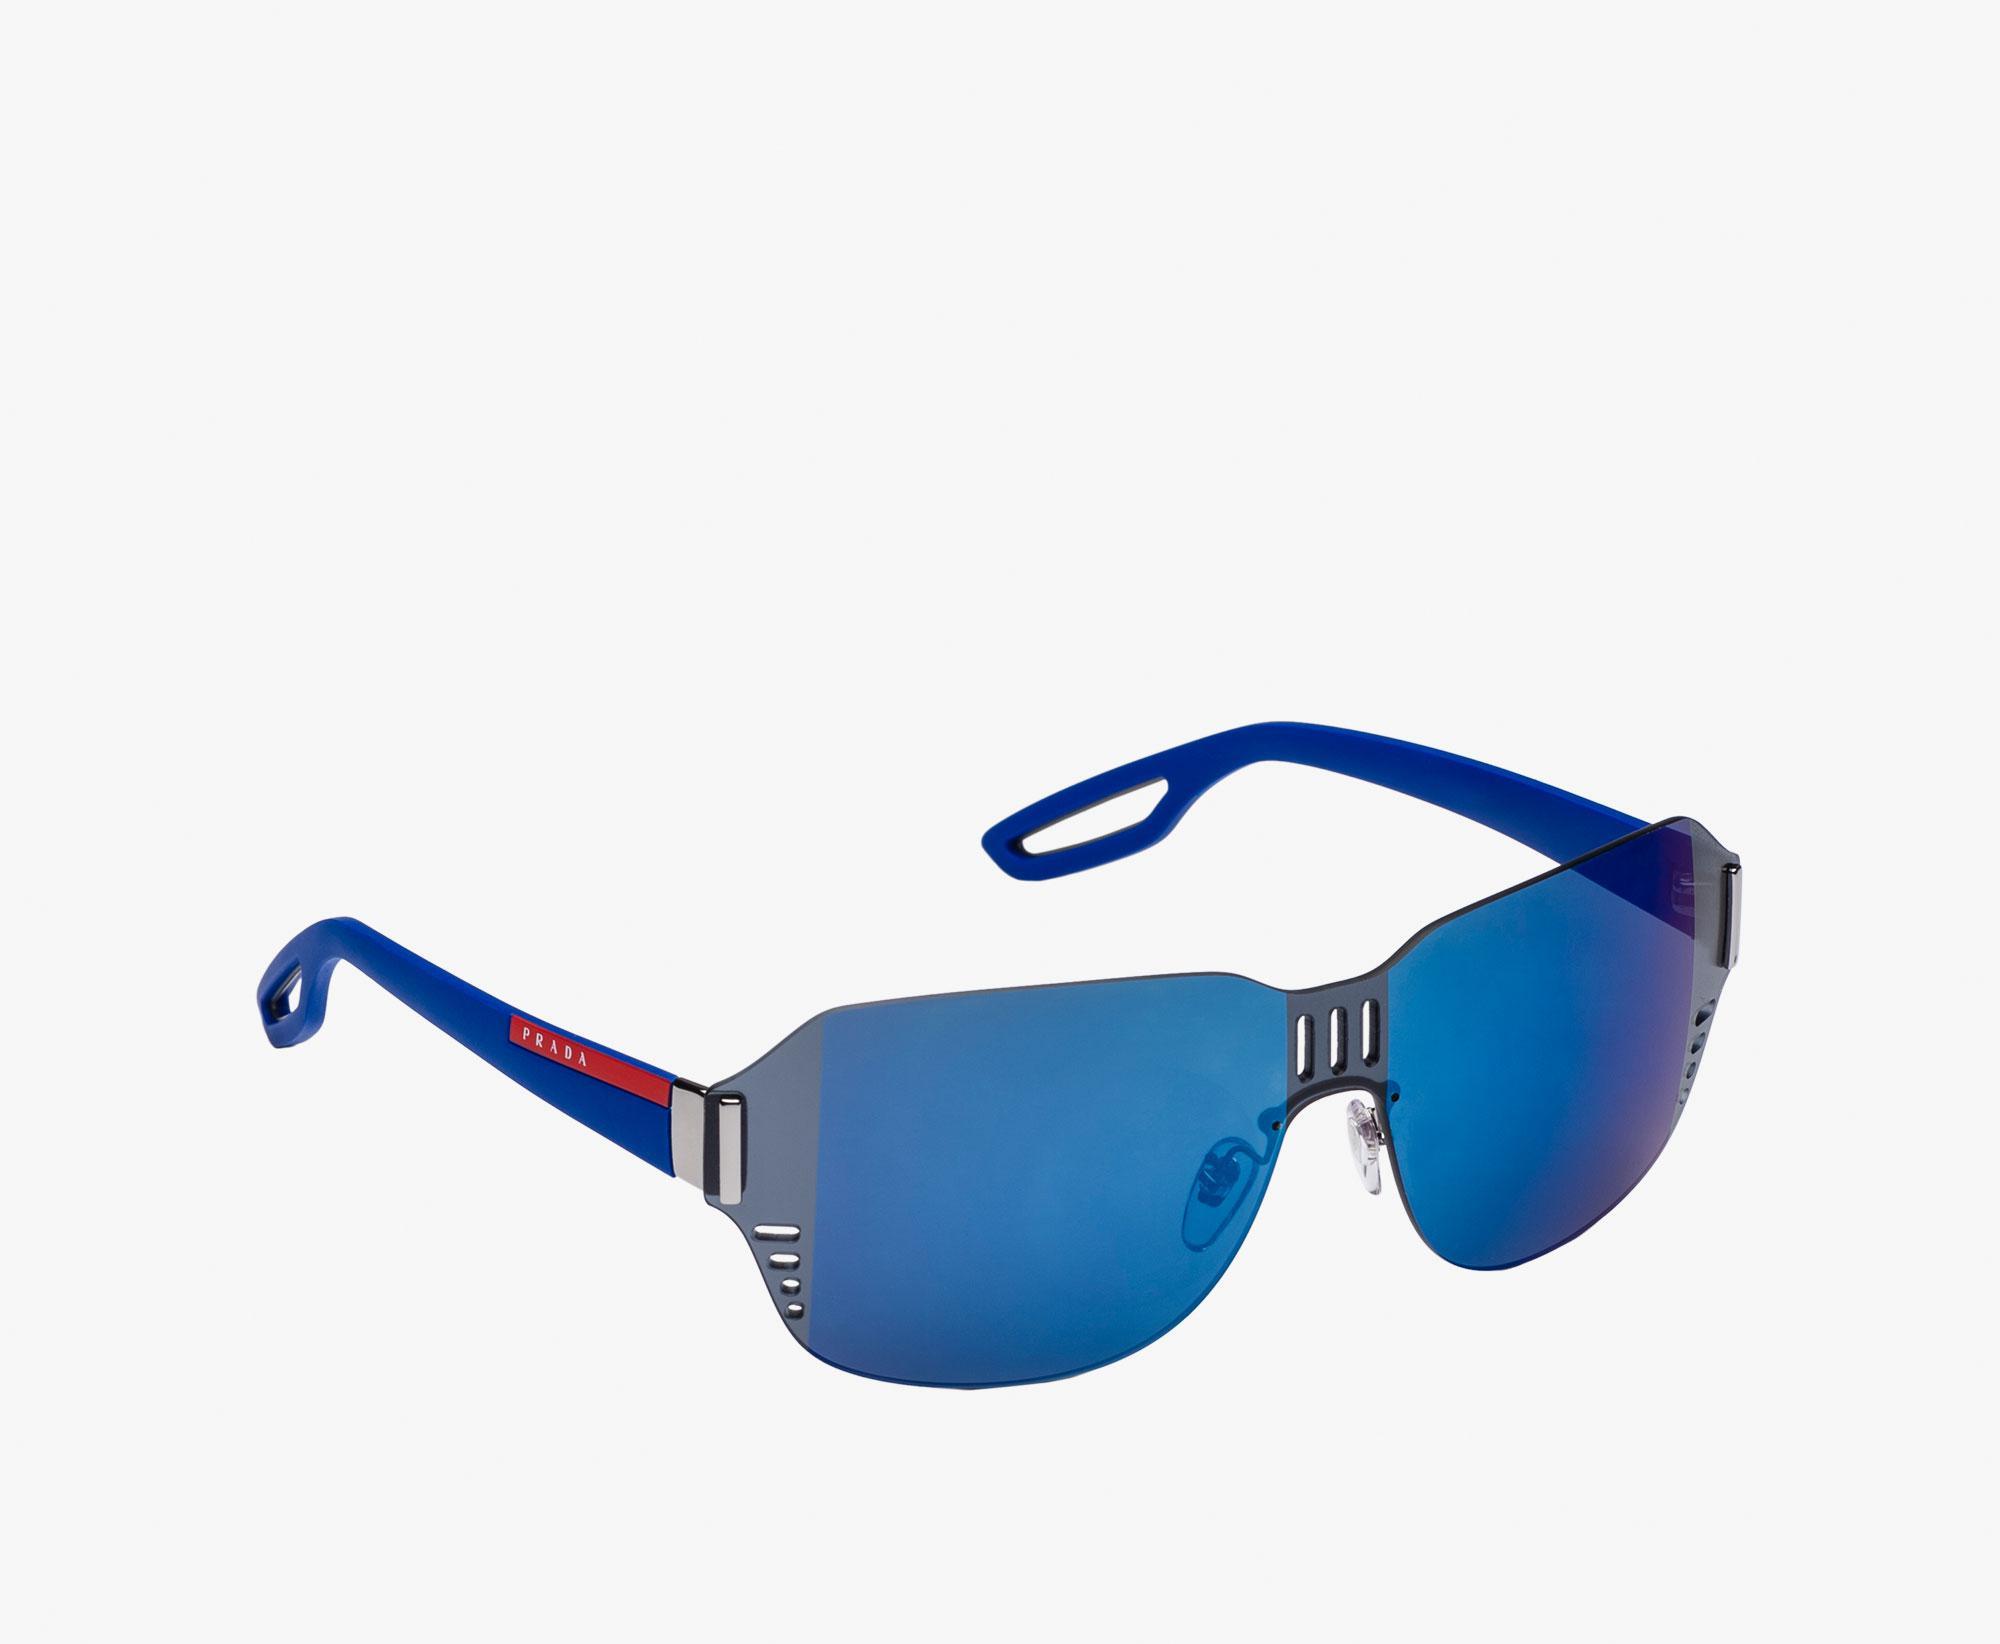 8c006c2635f Lyst - Prada Linea Rossa L.j. Silver in Blue